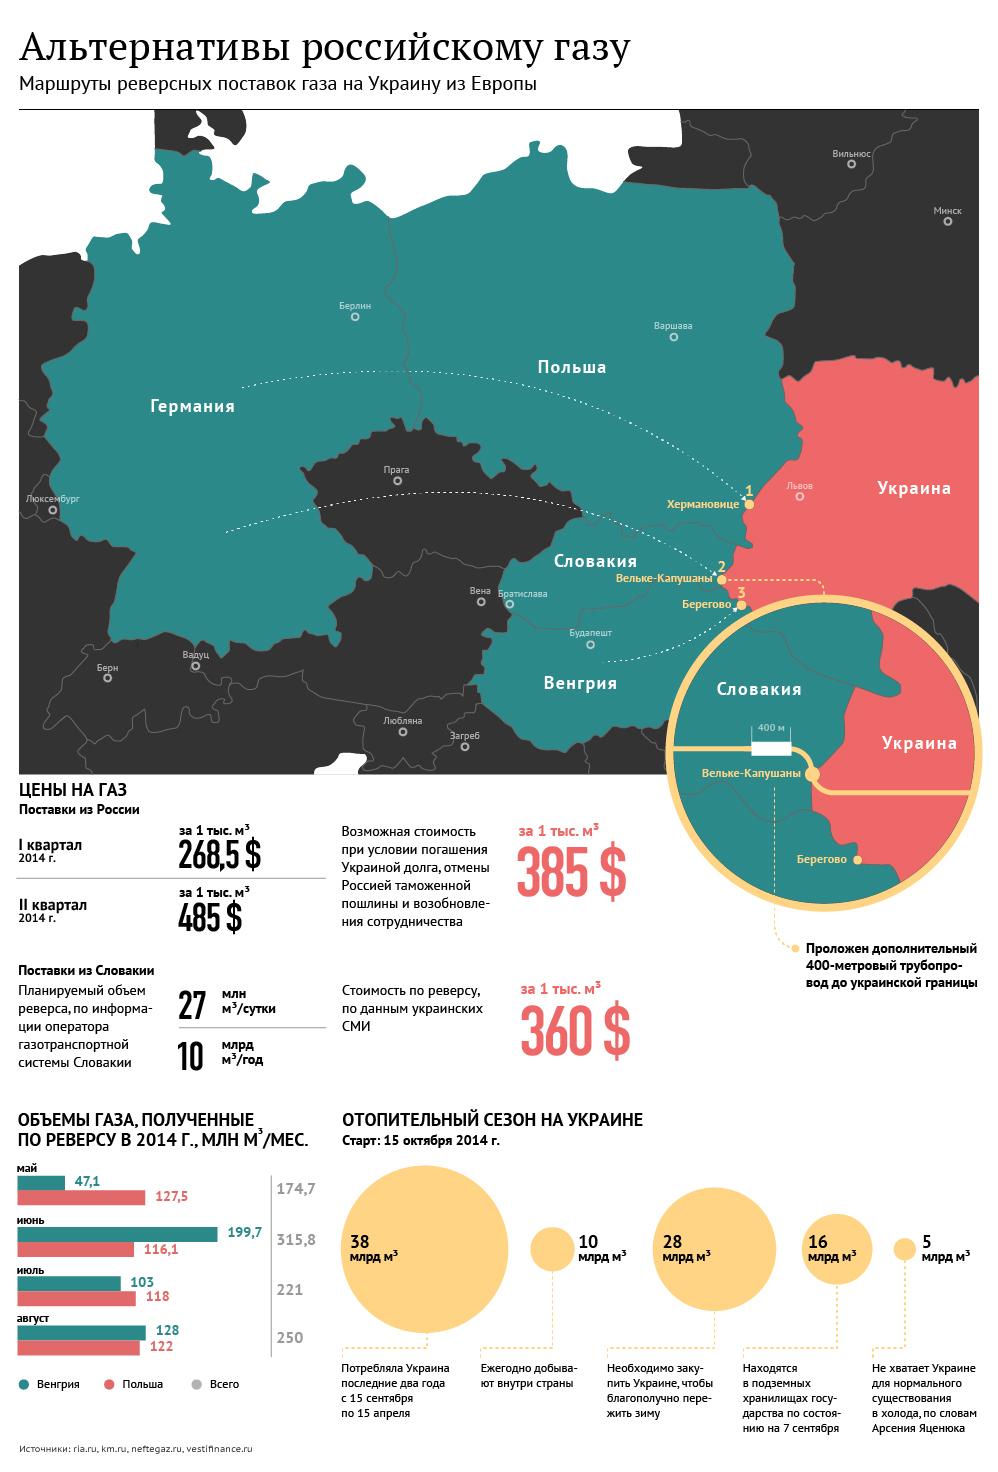 Альтернативы российскому газу для Украины